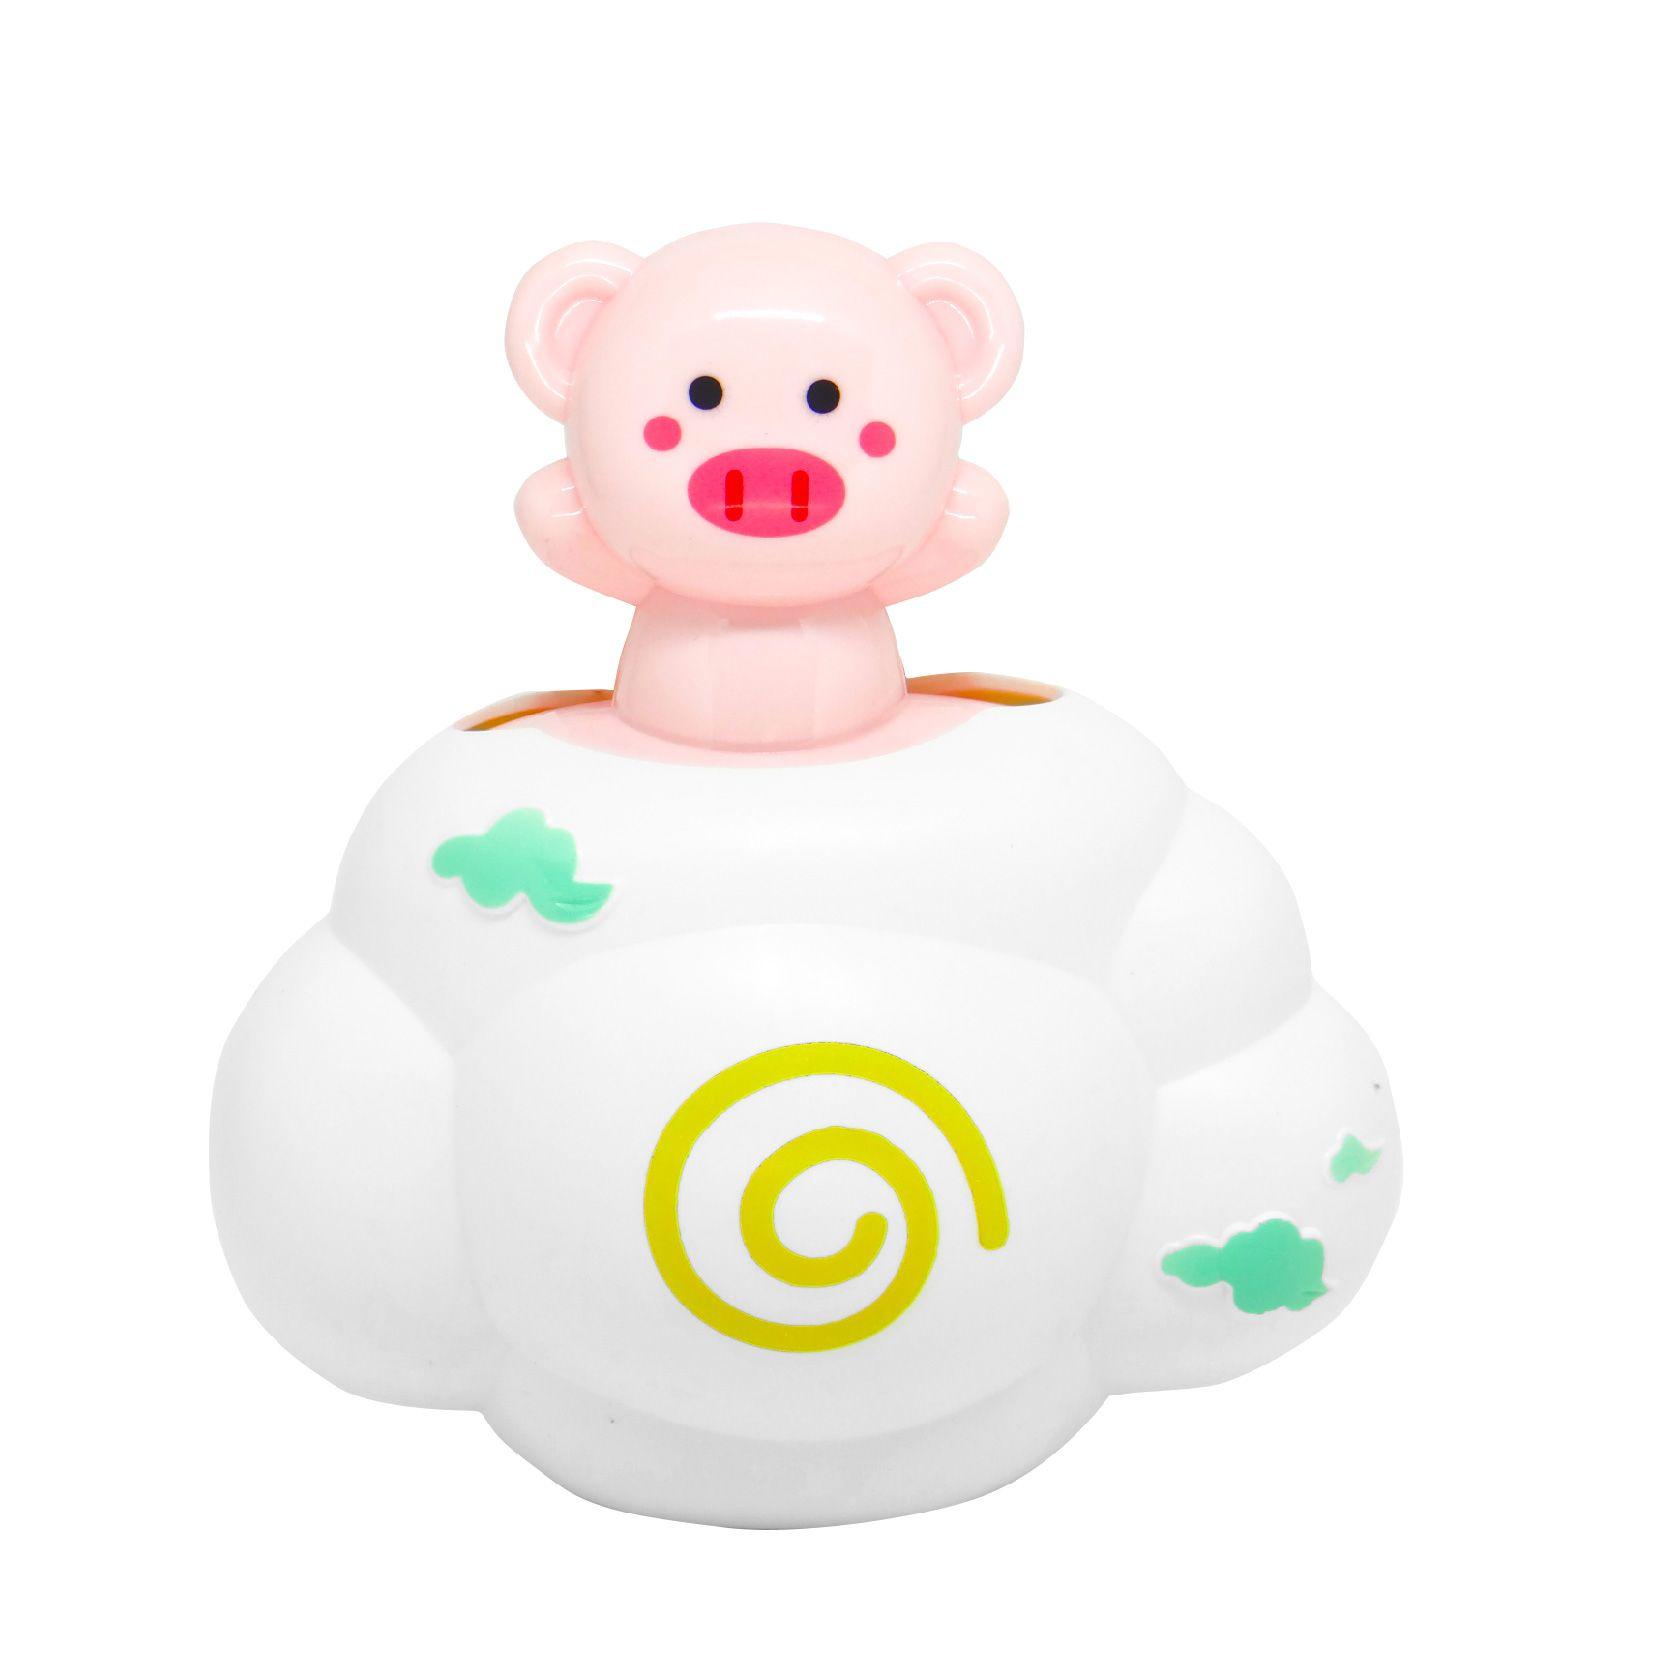 Brinquedo para Banho - Rosa (chuveirinho)-0940